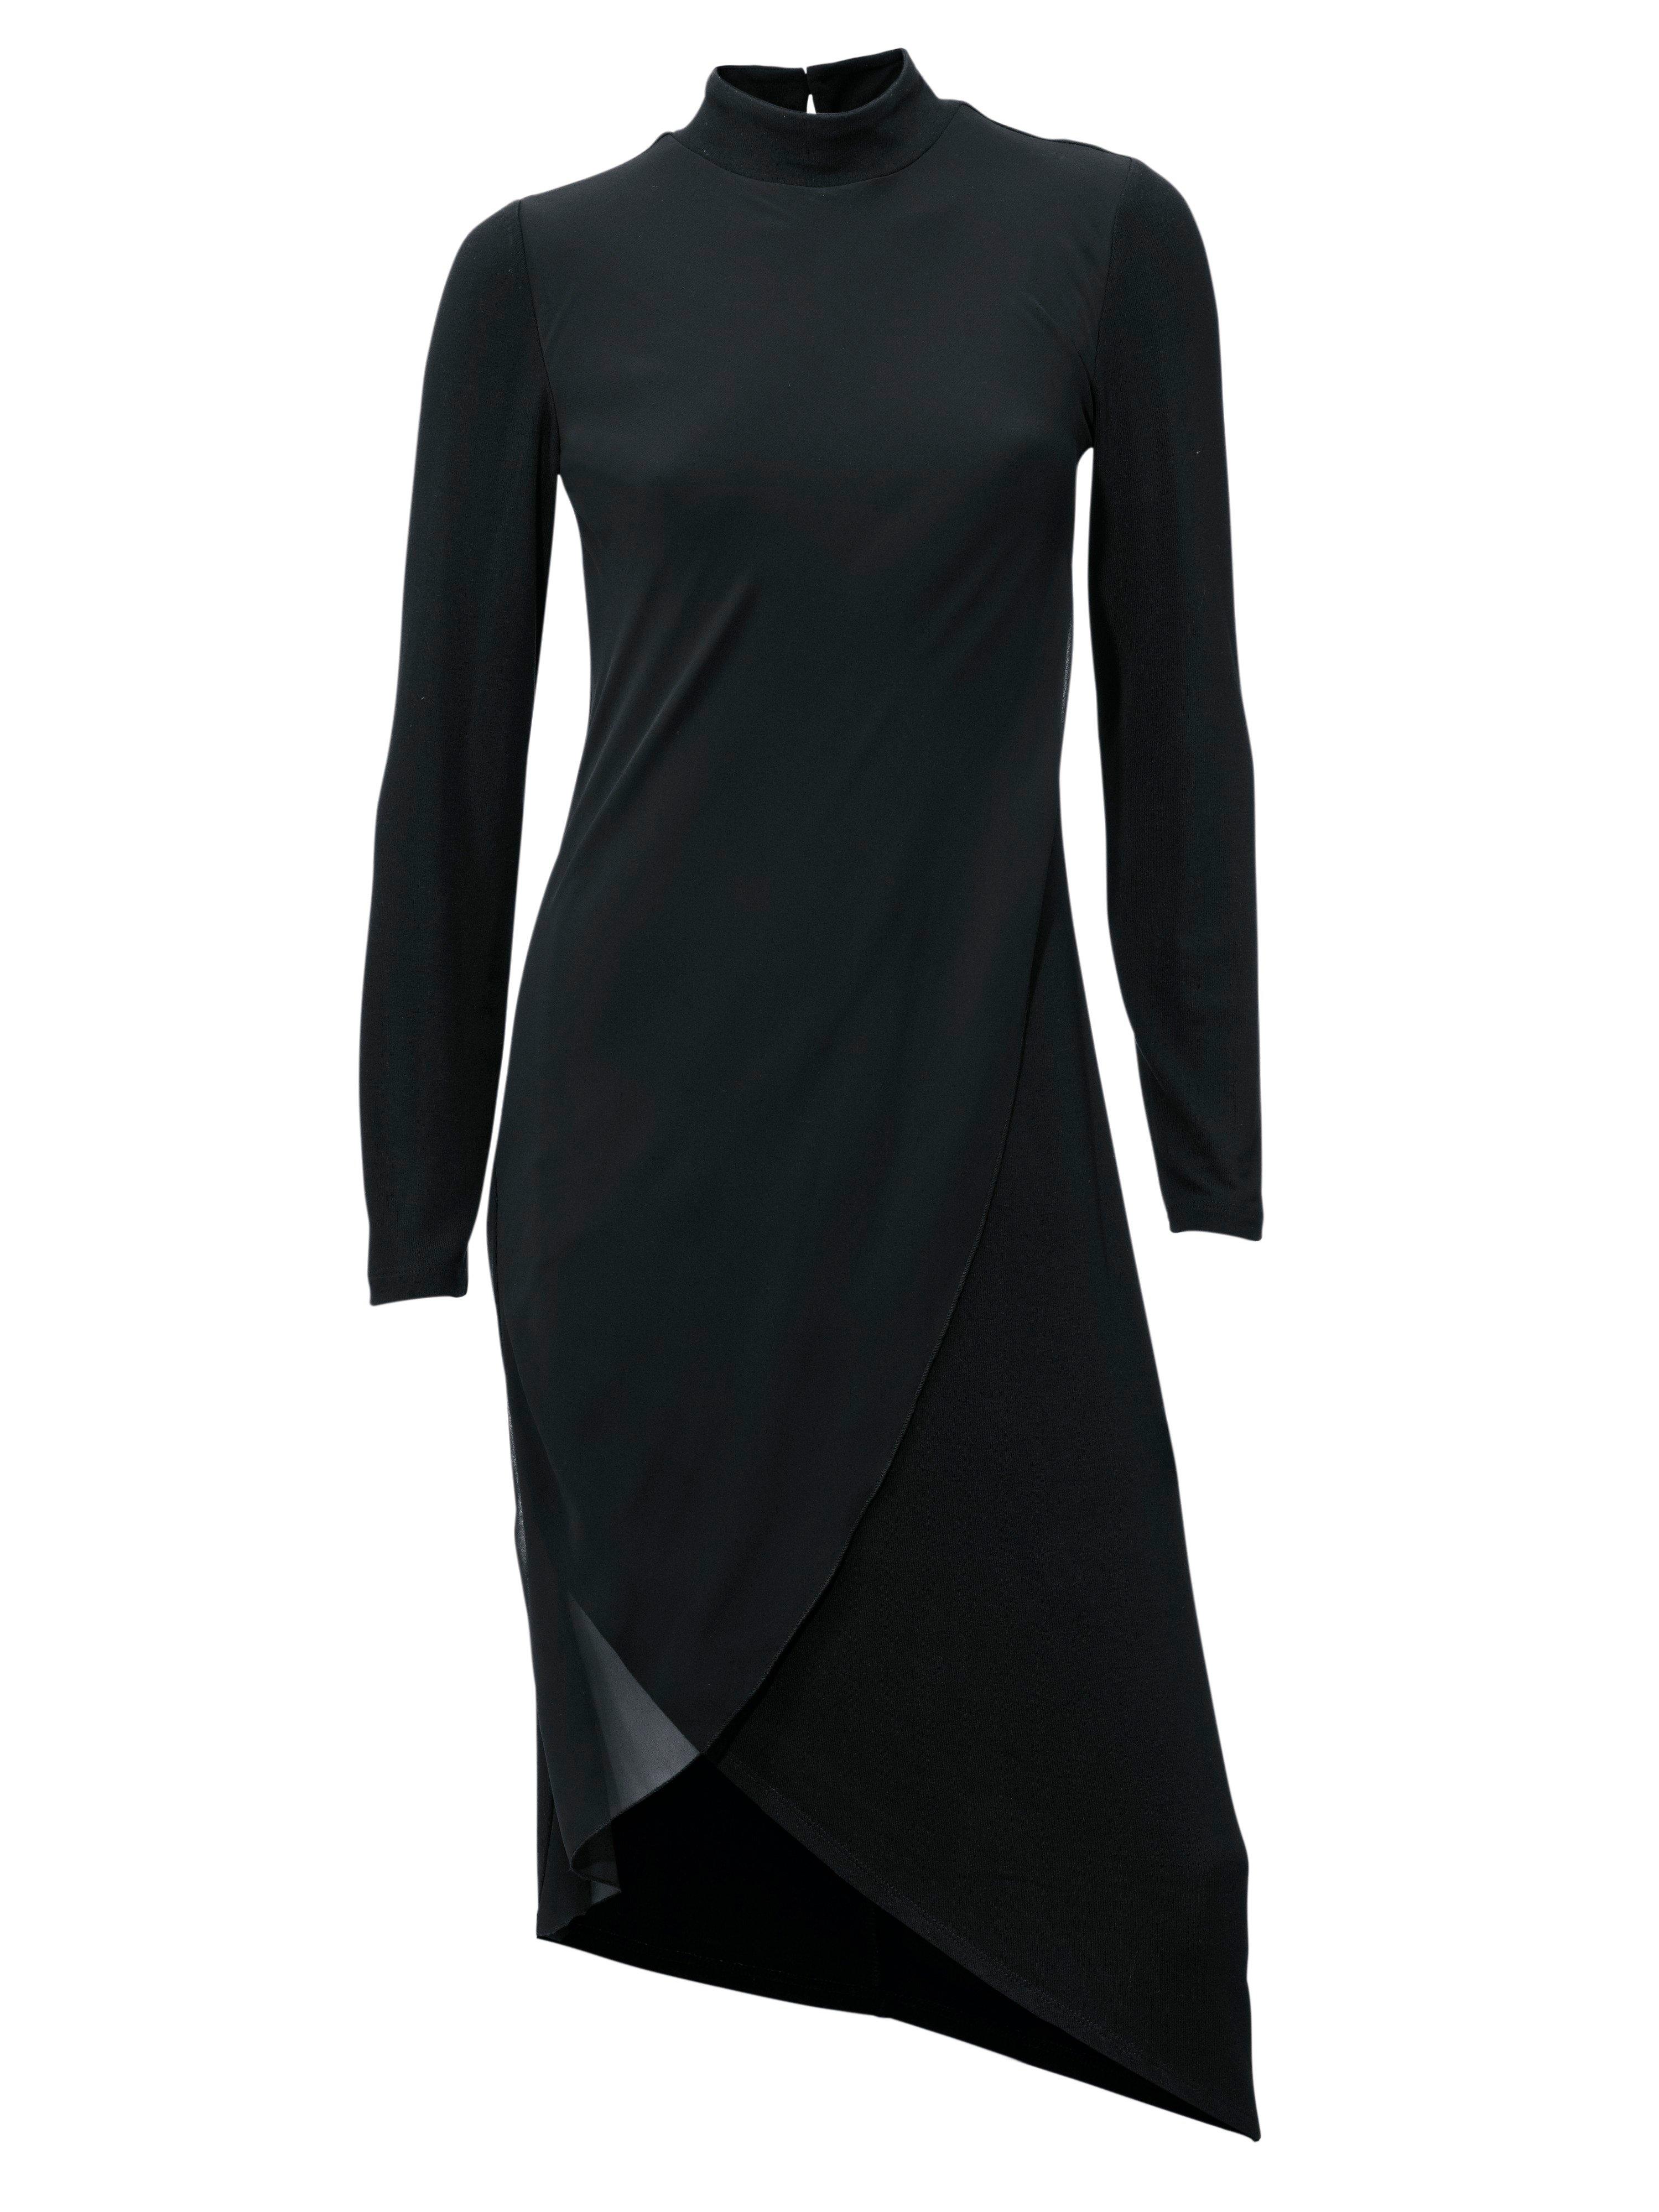 Bestellen Nu Nu Nu Online Online Bestellen Bestellen Jerseyjurk Online Jerseyjurk Jerseyjurk Nu Jerseyjurk y76IbgYfv